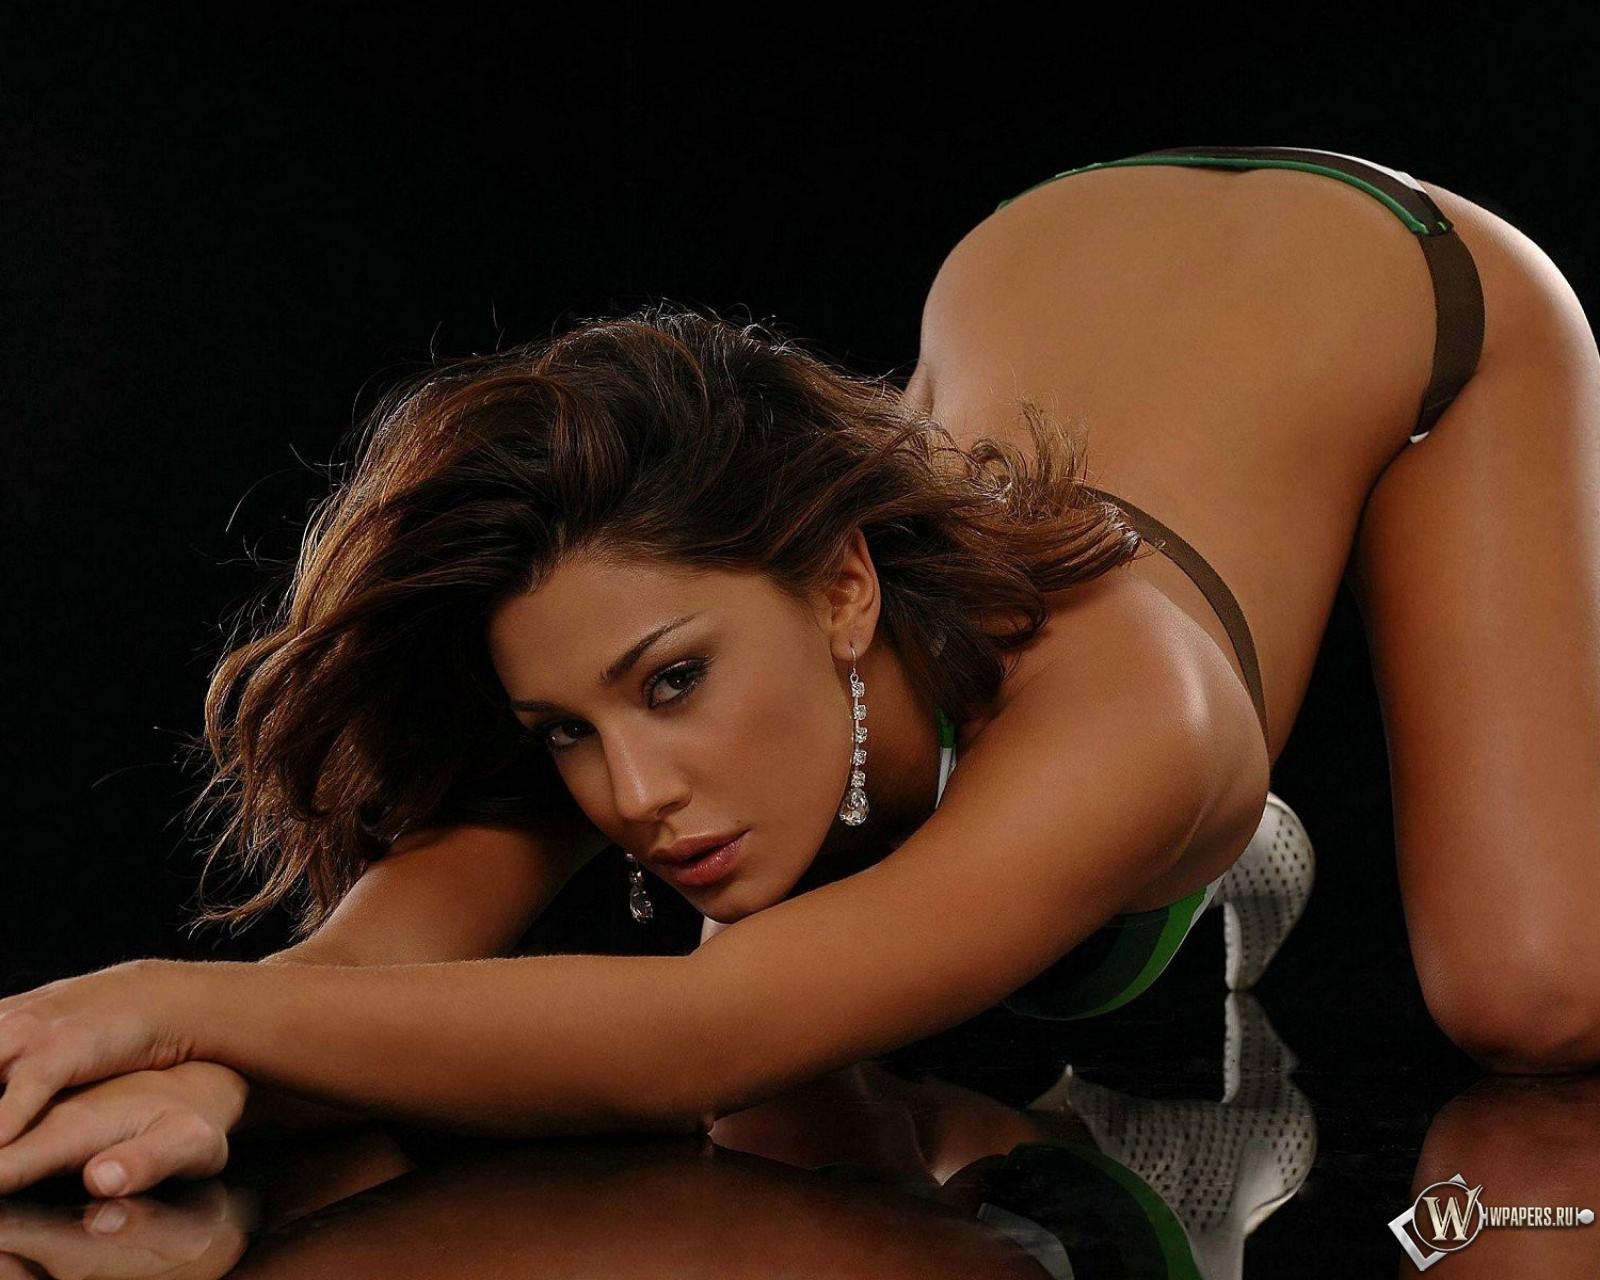 Эротические картинки carlos rodriguez 2 фотография